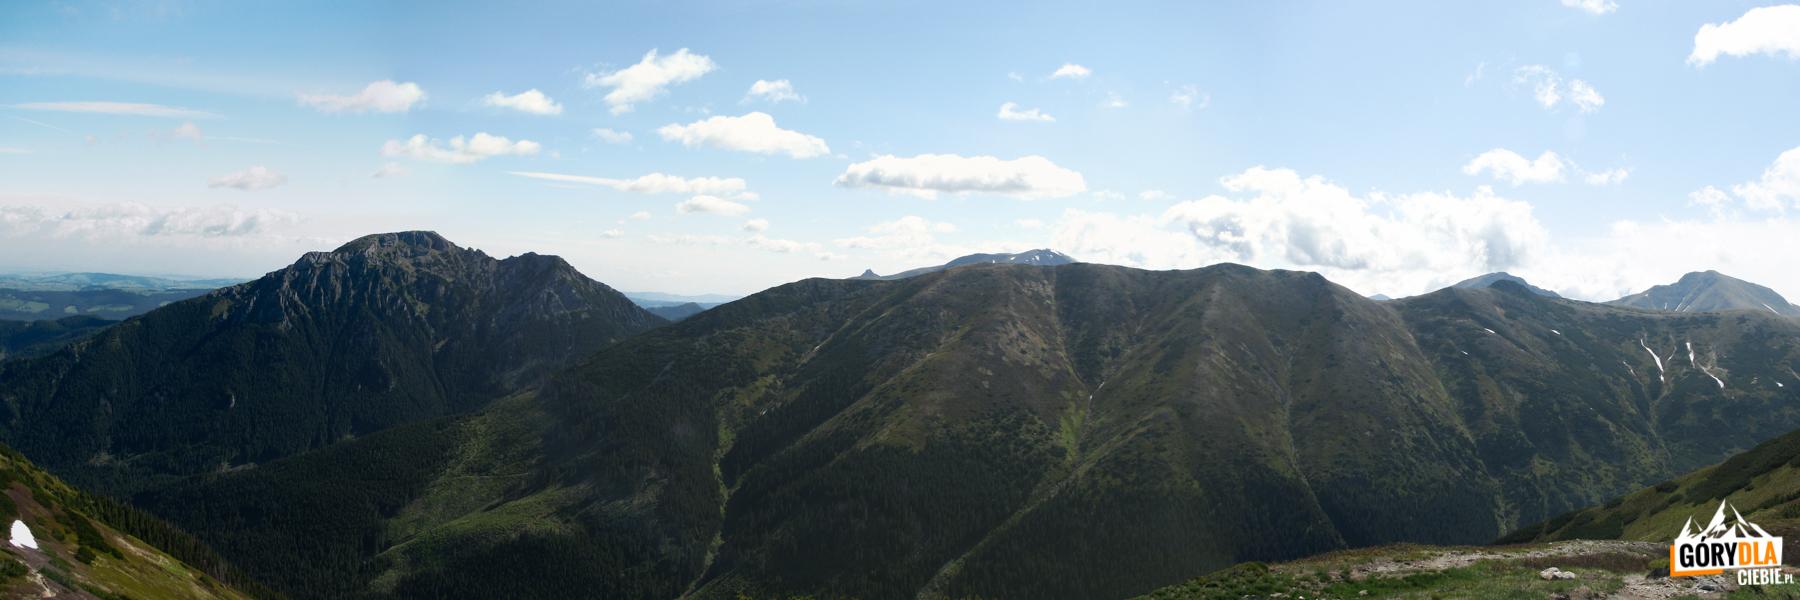 Widok zTrzydniowiańskiego Wierchu (1758 m) naKominiarski Wierch (1829 m) igrań Ornaku (1854 m)